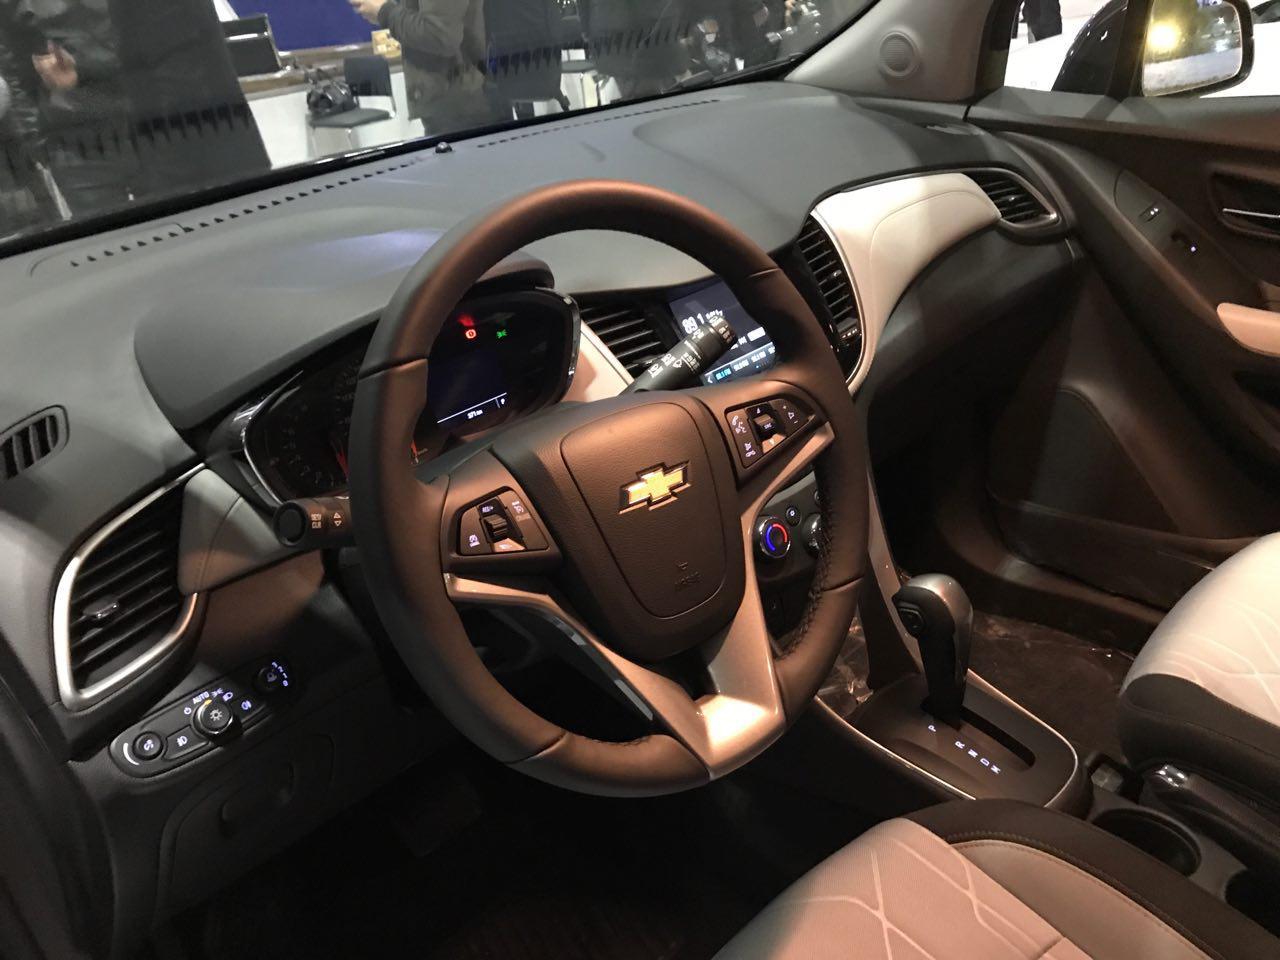 Chevrolet Tracker - интерьер салона - кожаный руль, тканевые сиденья, как выглядит торпеда и табло